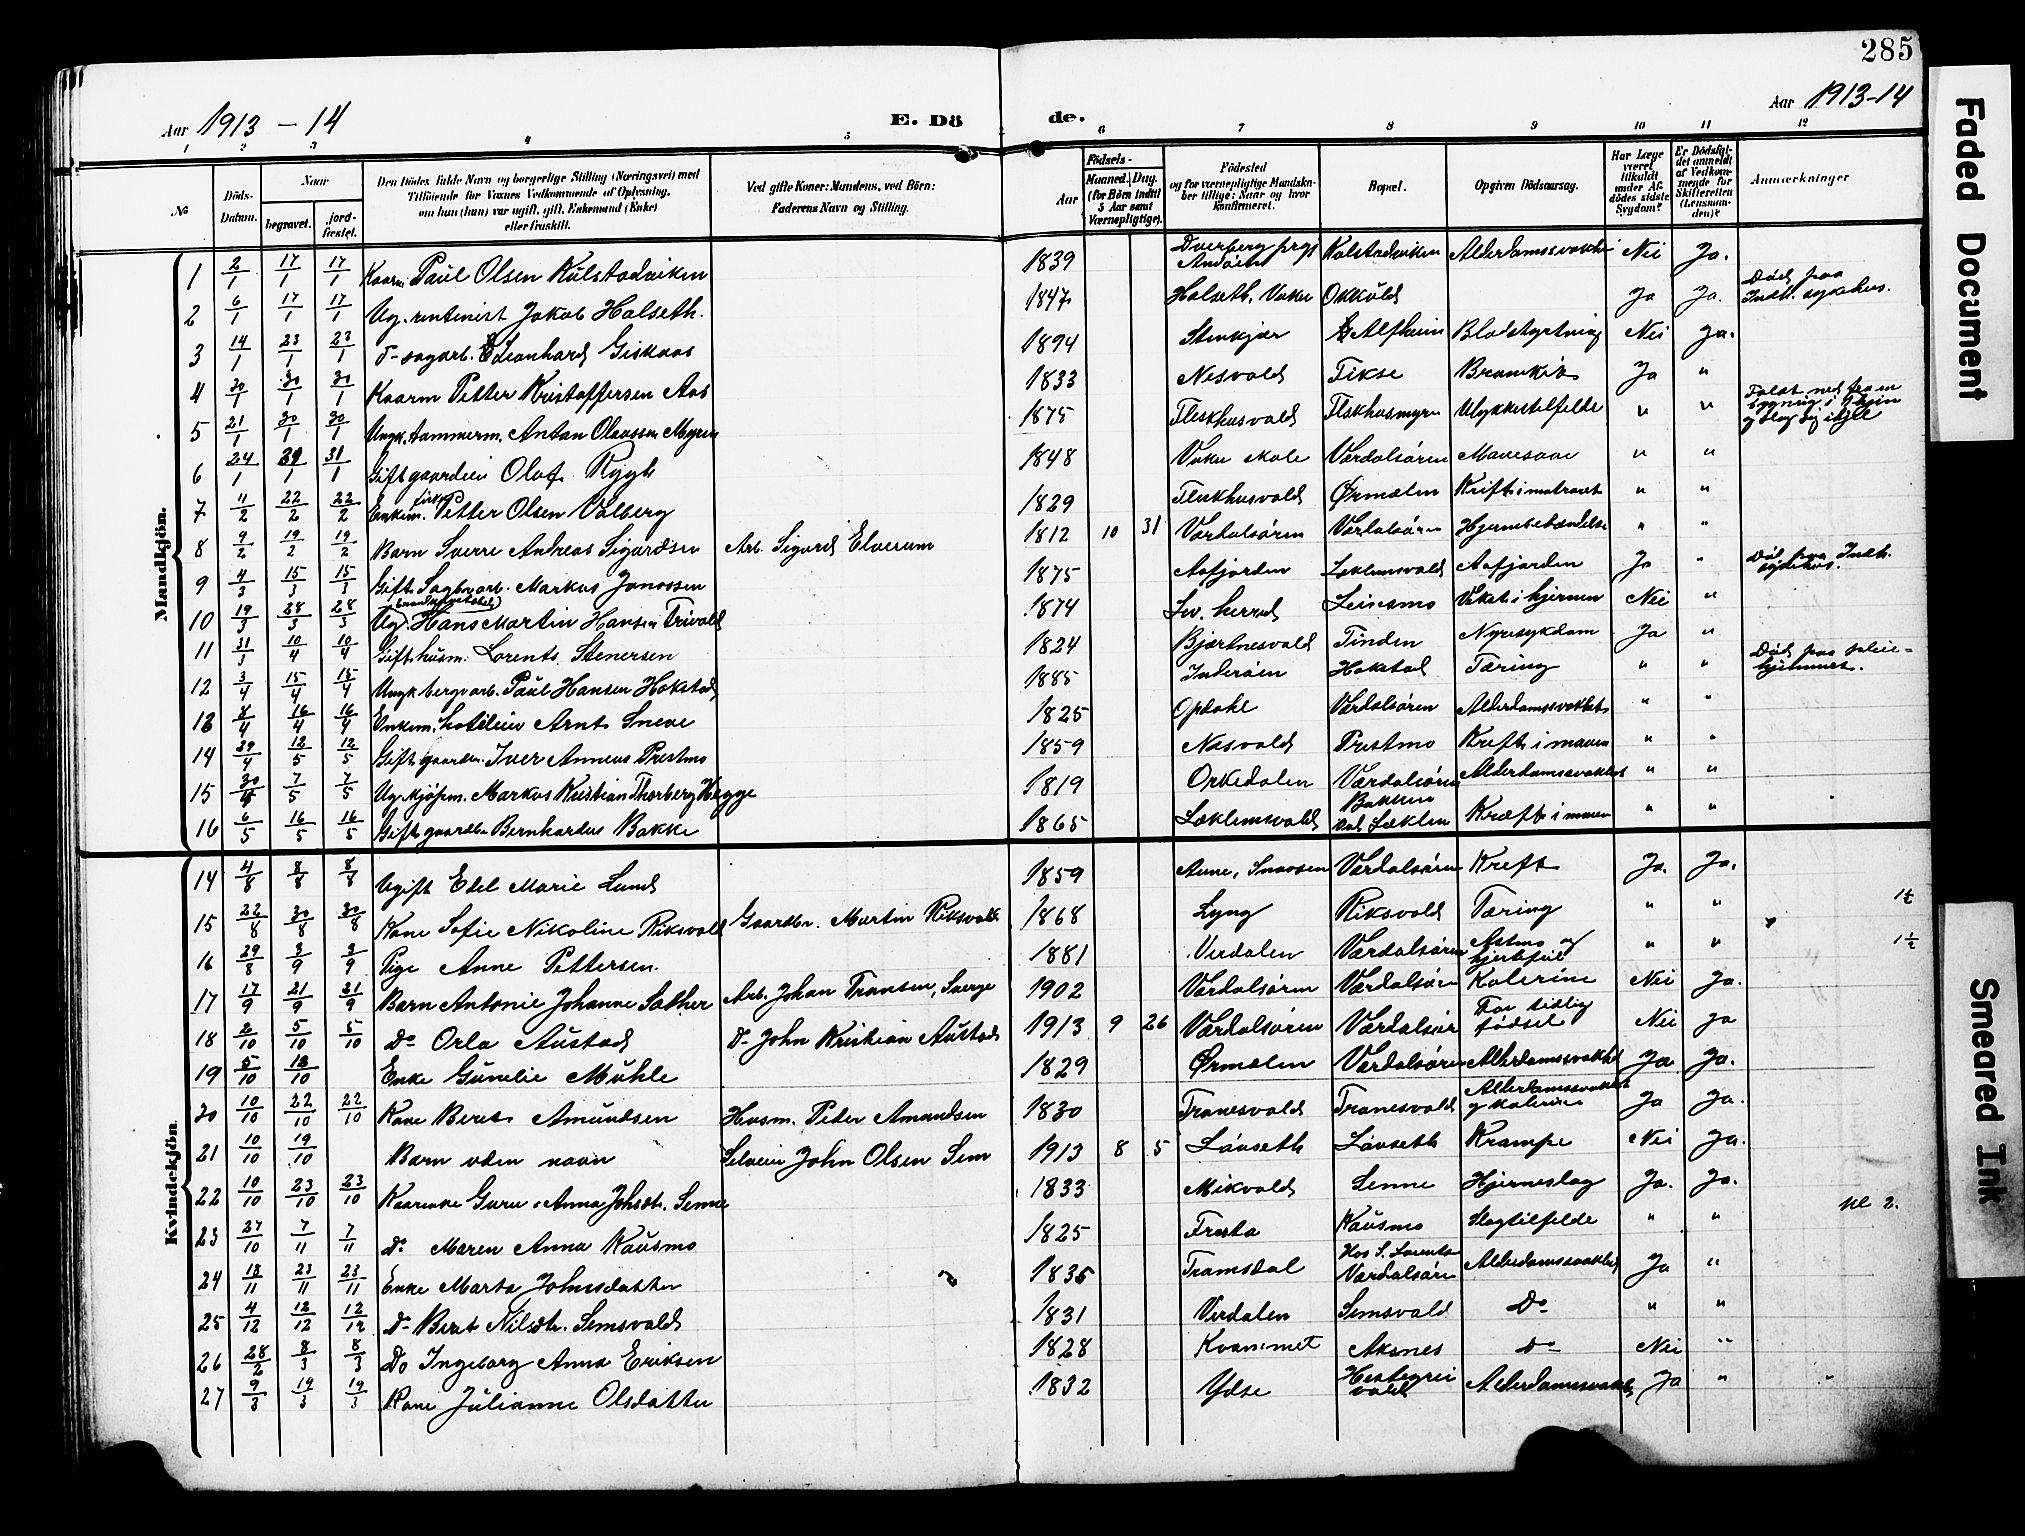 SAT, Ministerialprotokoller, klokkerbøker og fødselsregistre - Nord-Trøndelag, 723/L0258: Klokkerbok nr. 723C06, 1908-1927, s. 285